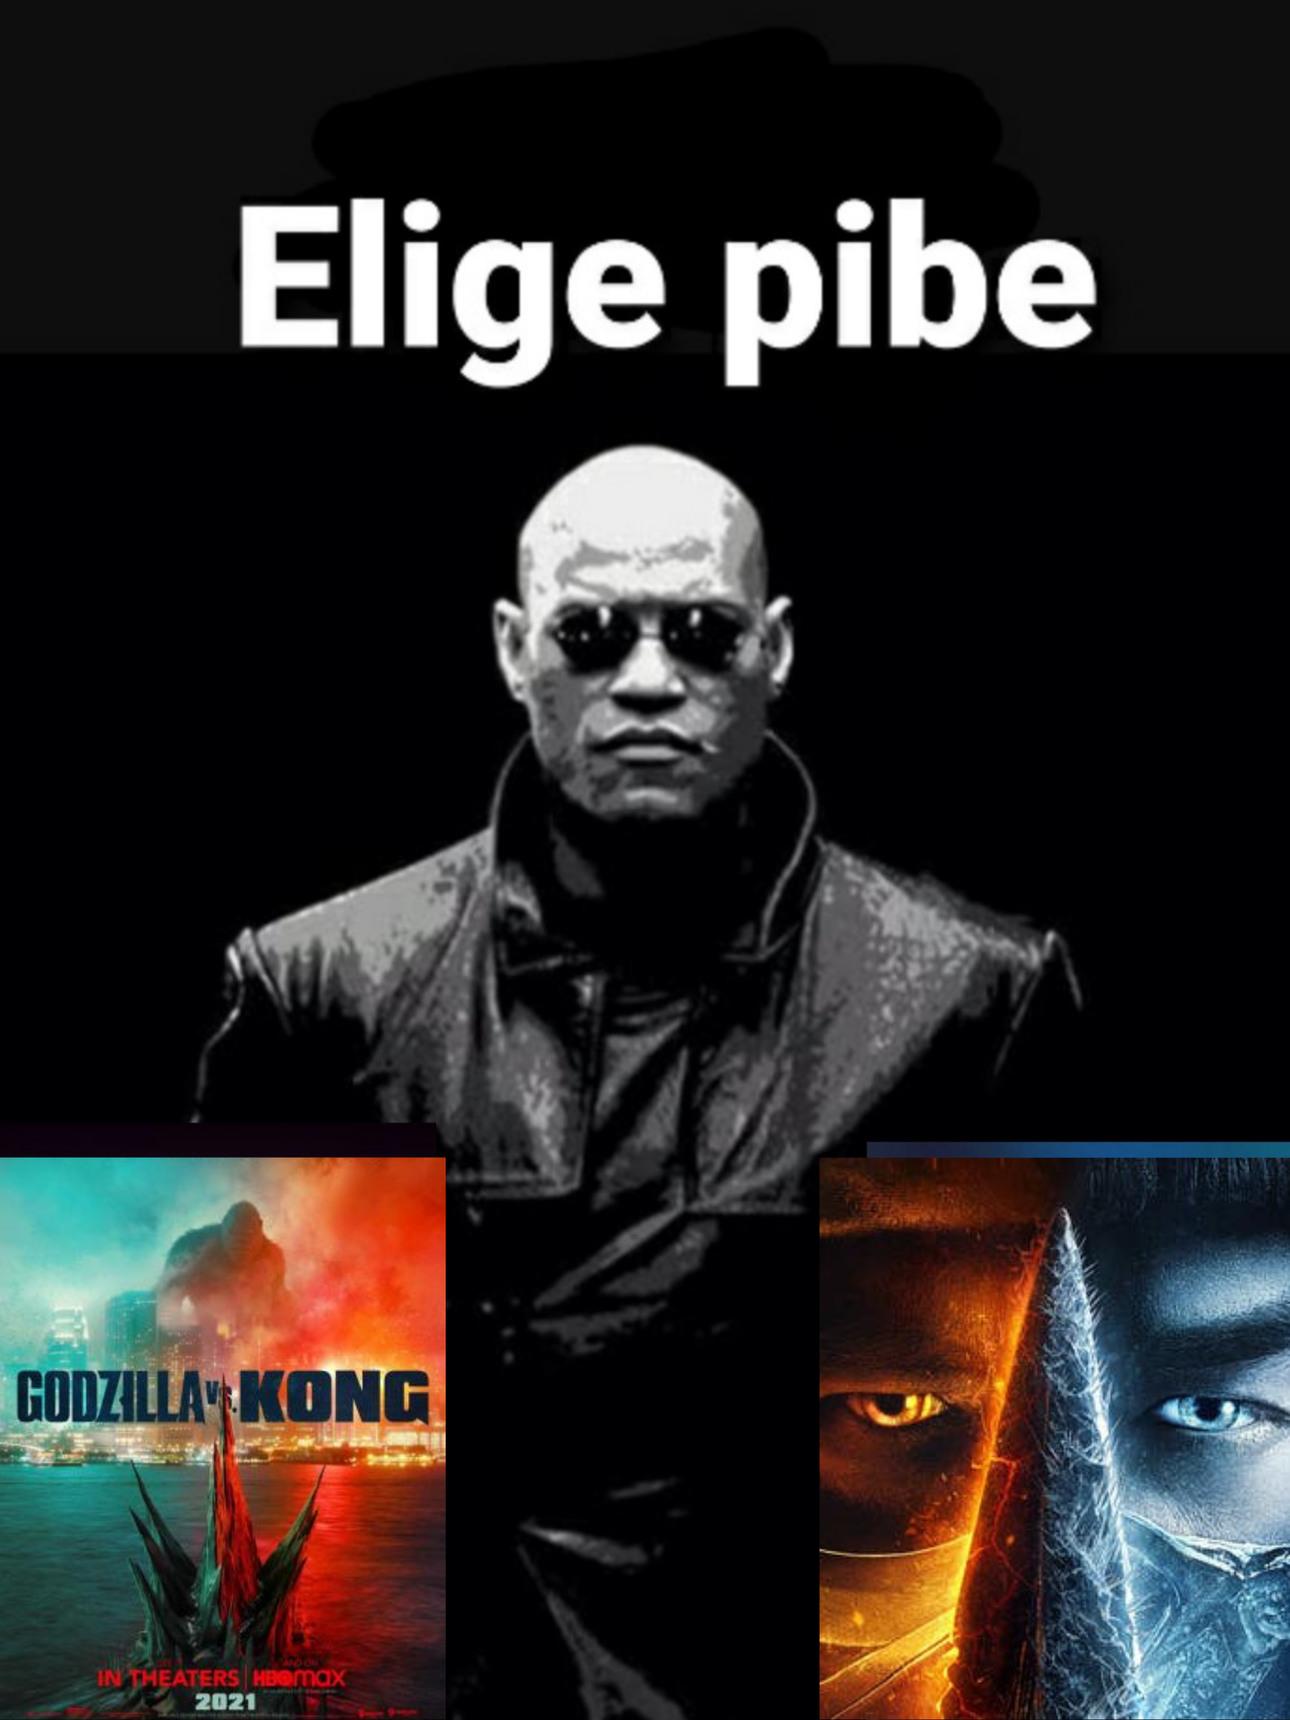 Elijan bros - meme